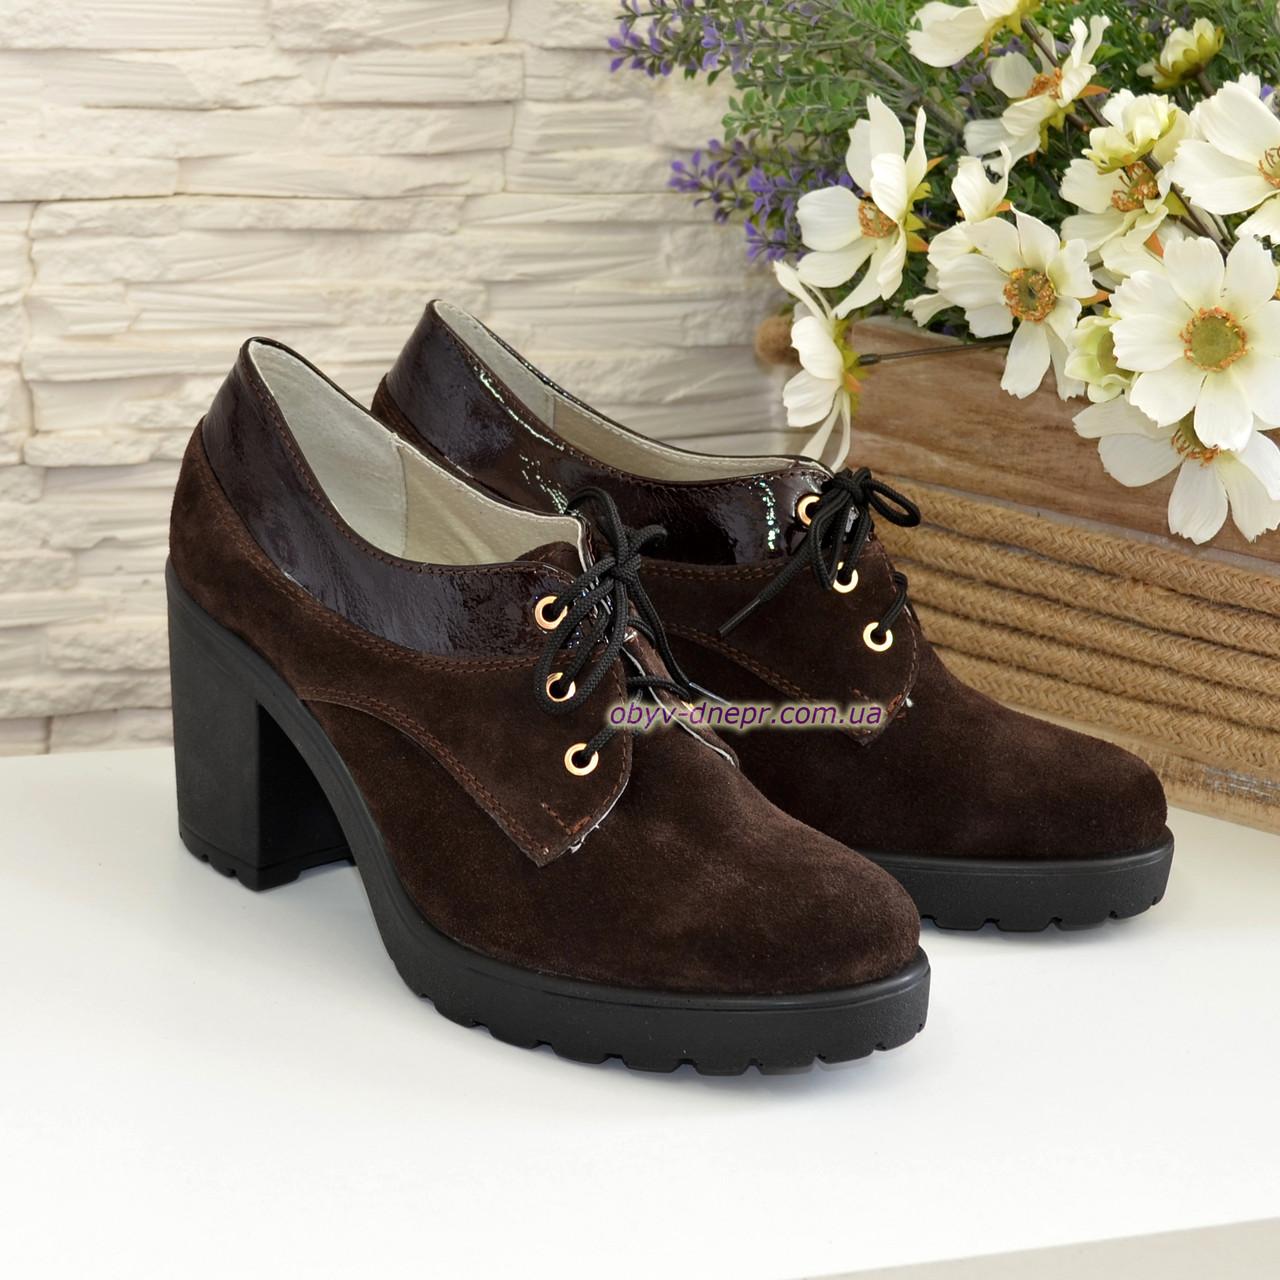 Женские коричневые замшевые туфли на шнуровке, устойчивый каблук